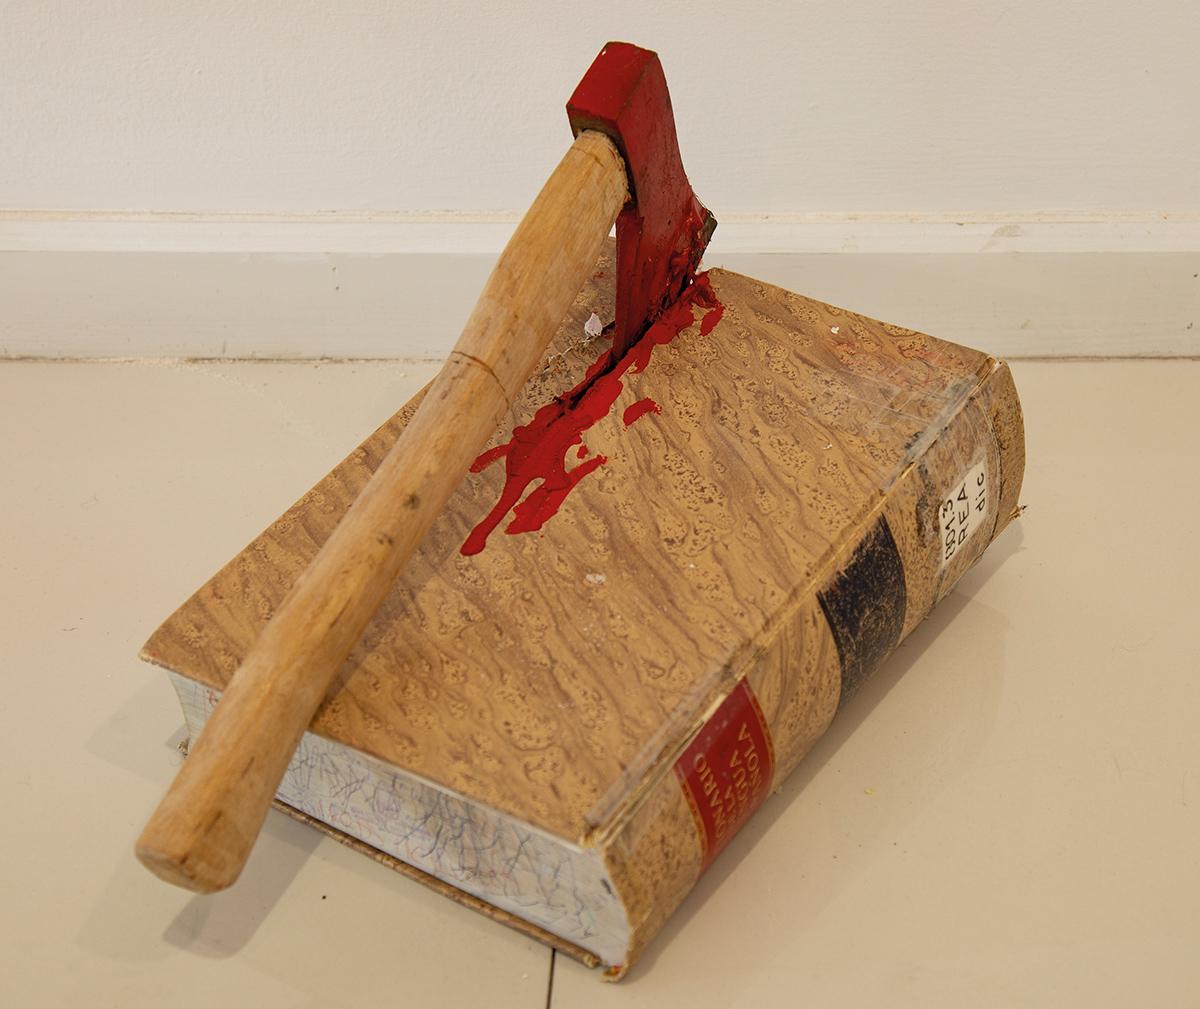 La letra con sangre entra. Serie La muerte de los libros